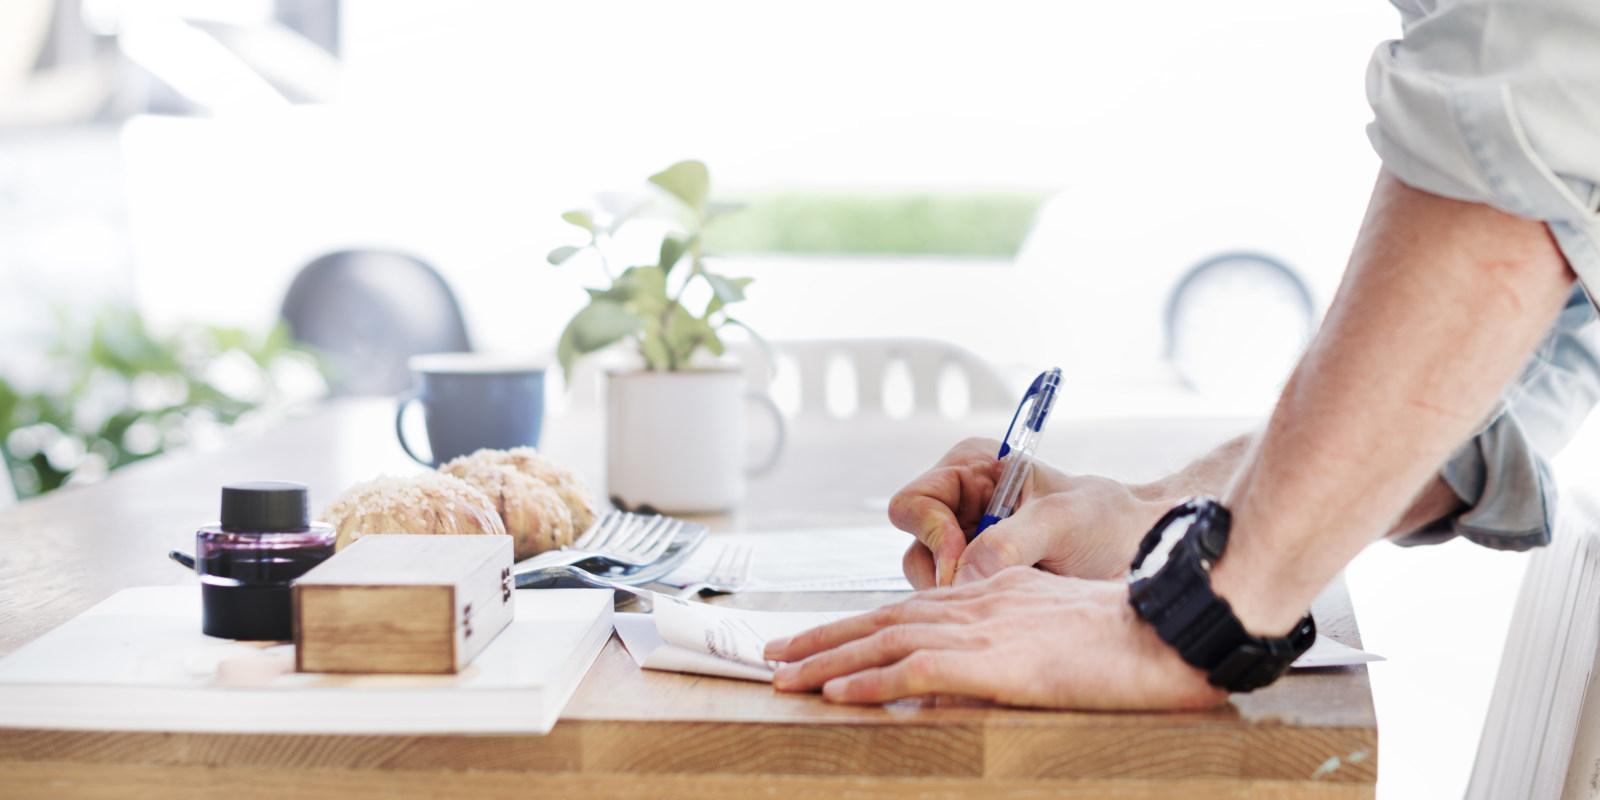 论文写作需要具备哪些能力?